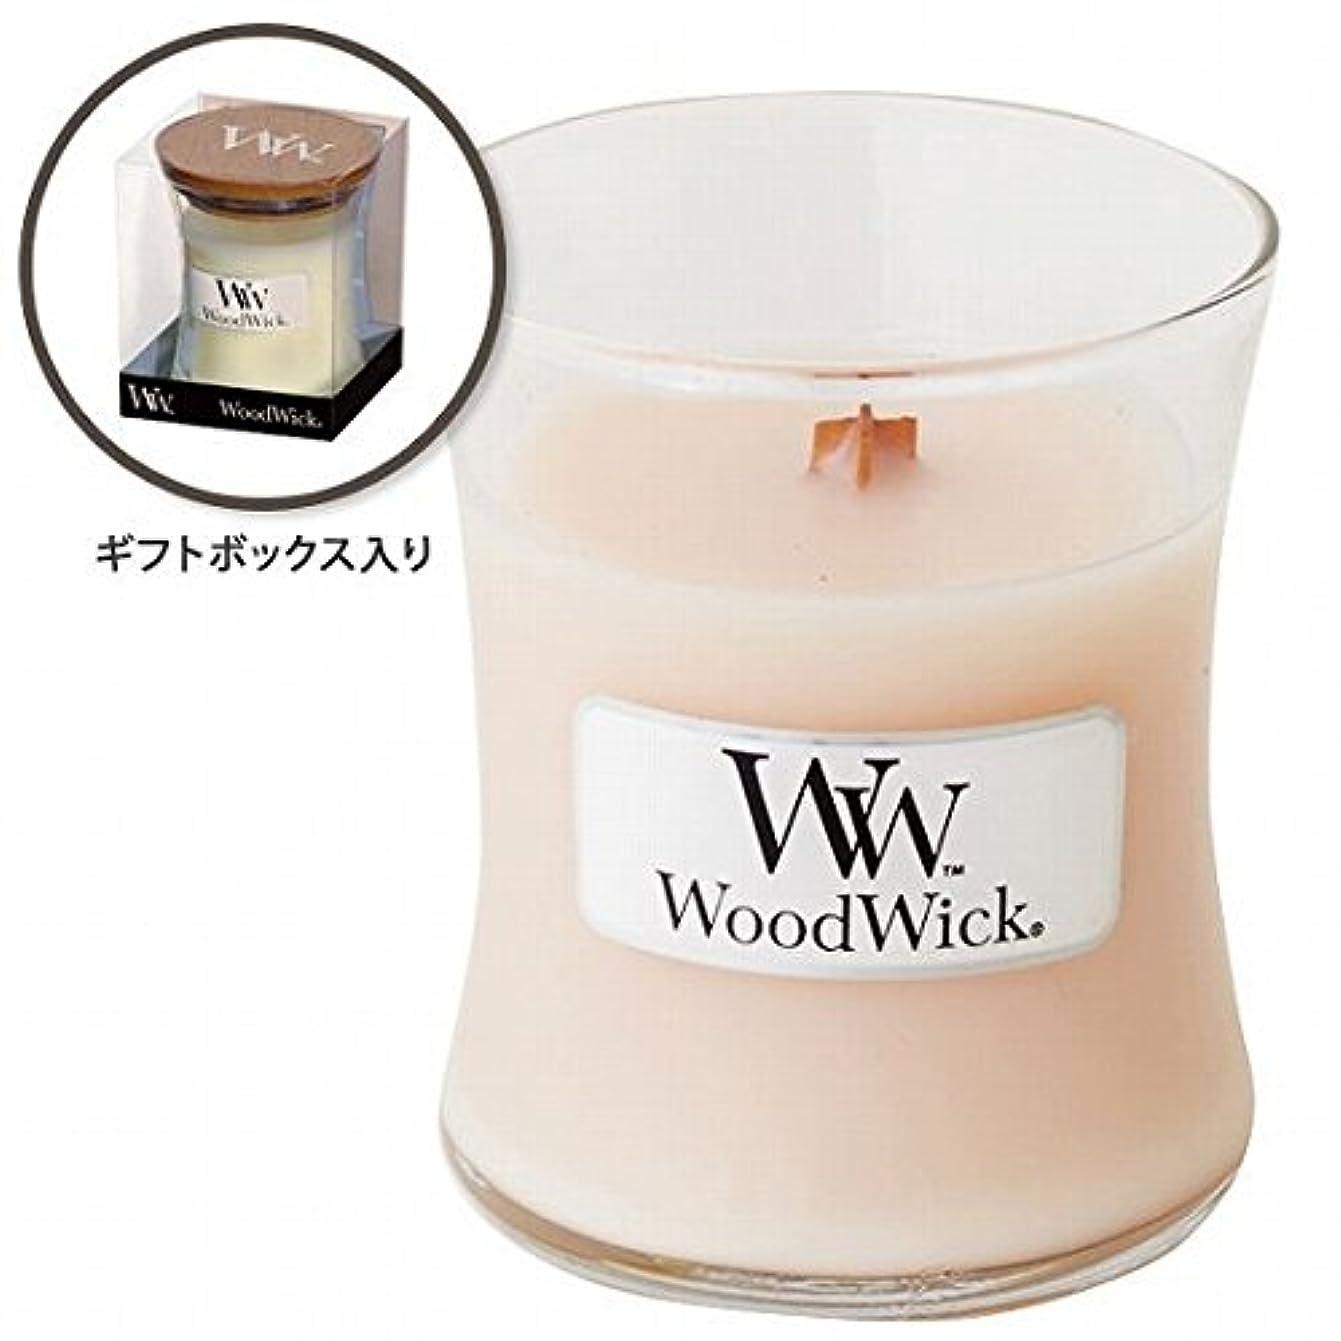 紳士気取りの、きざな涙が出る生態学WoodWick(ウッドウィック) Wood WickジャーS 「コースタルサンセット」(W9000563)